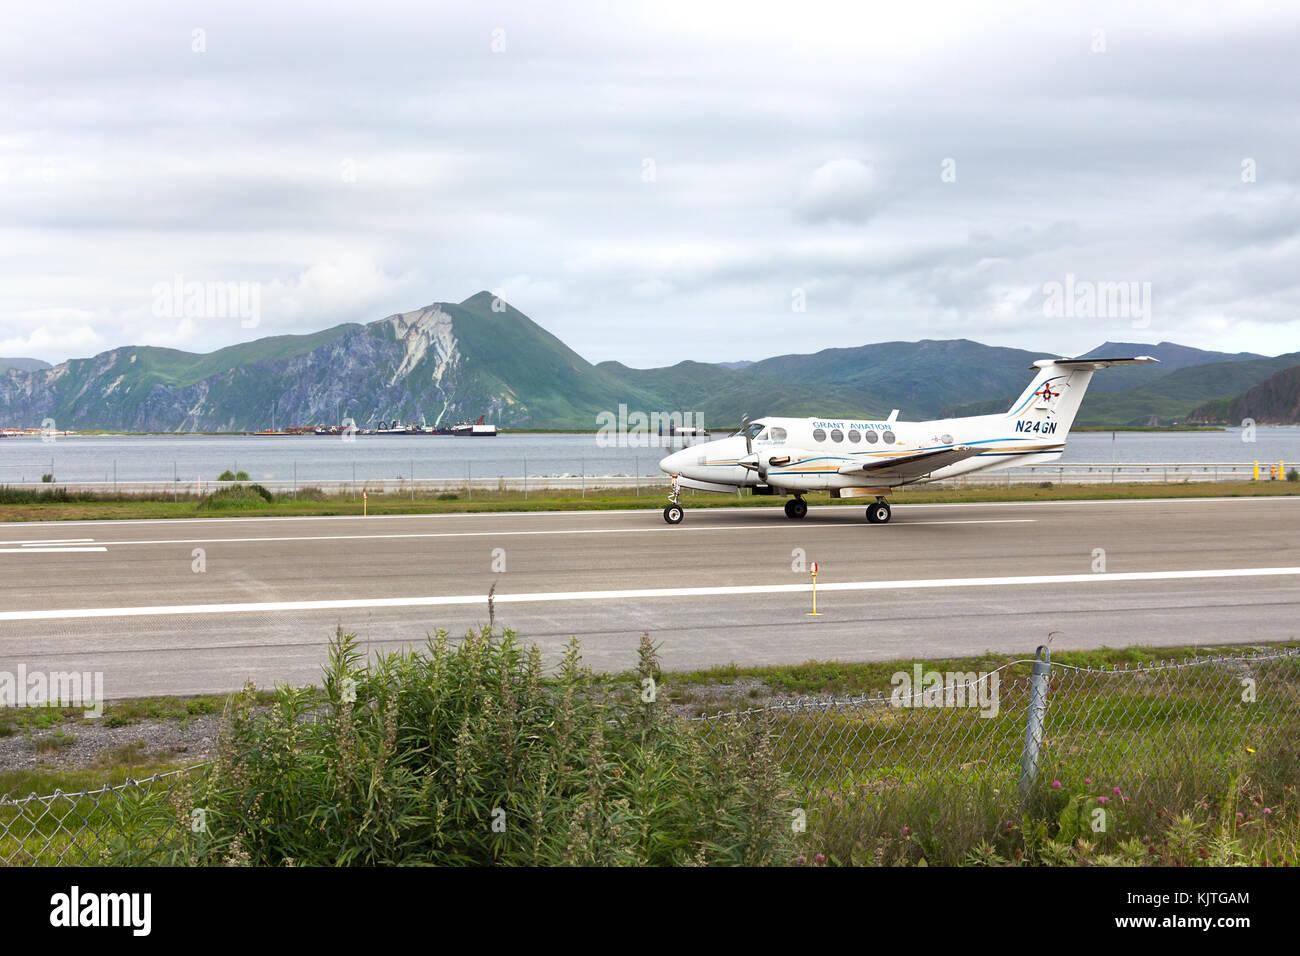 Harbor olandese, unalaska, Alaska, Stati Uniti d'America - agosto 14th, 2017: un faggio king air 200 di grant Immagini Stock